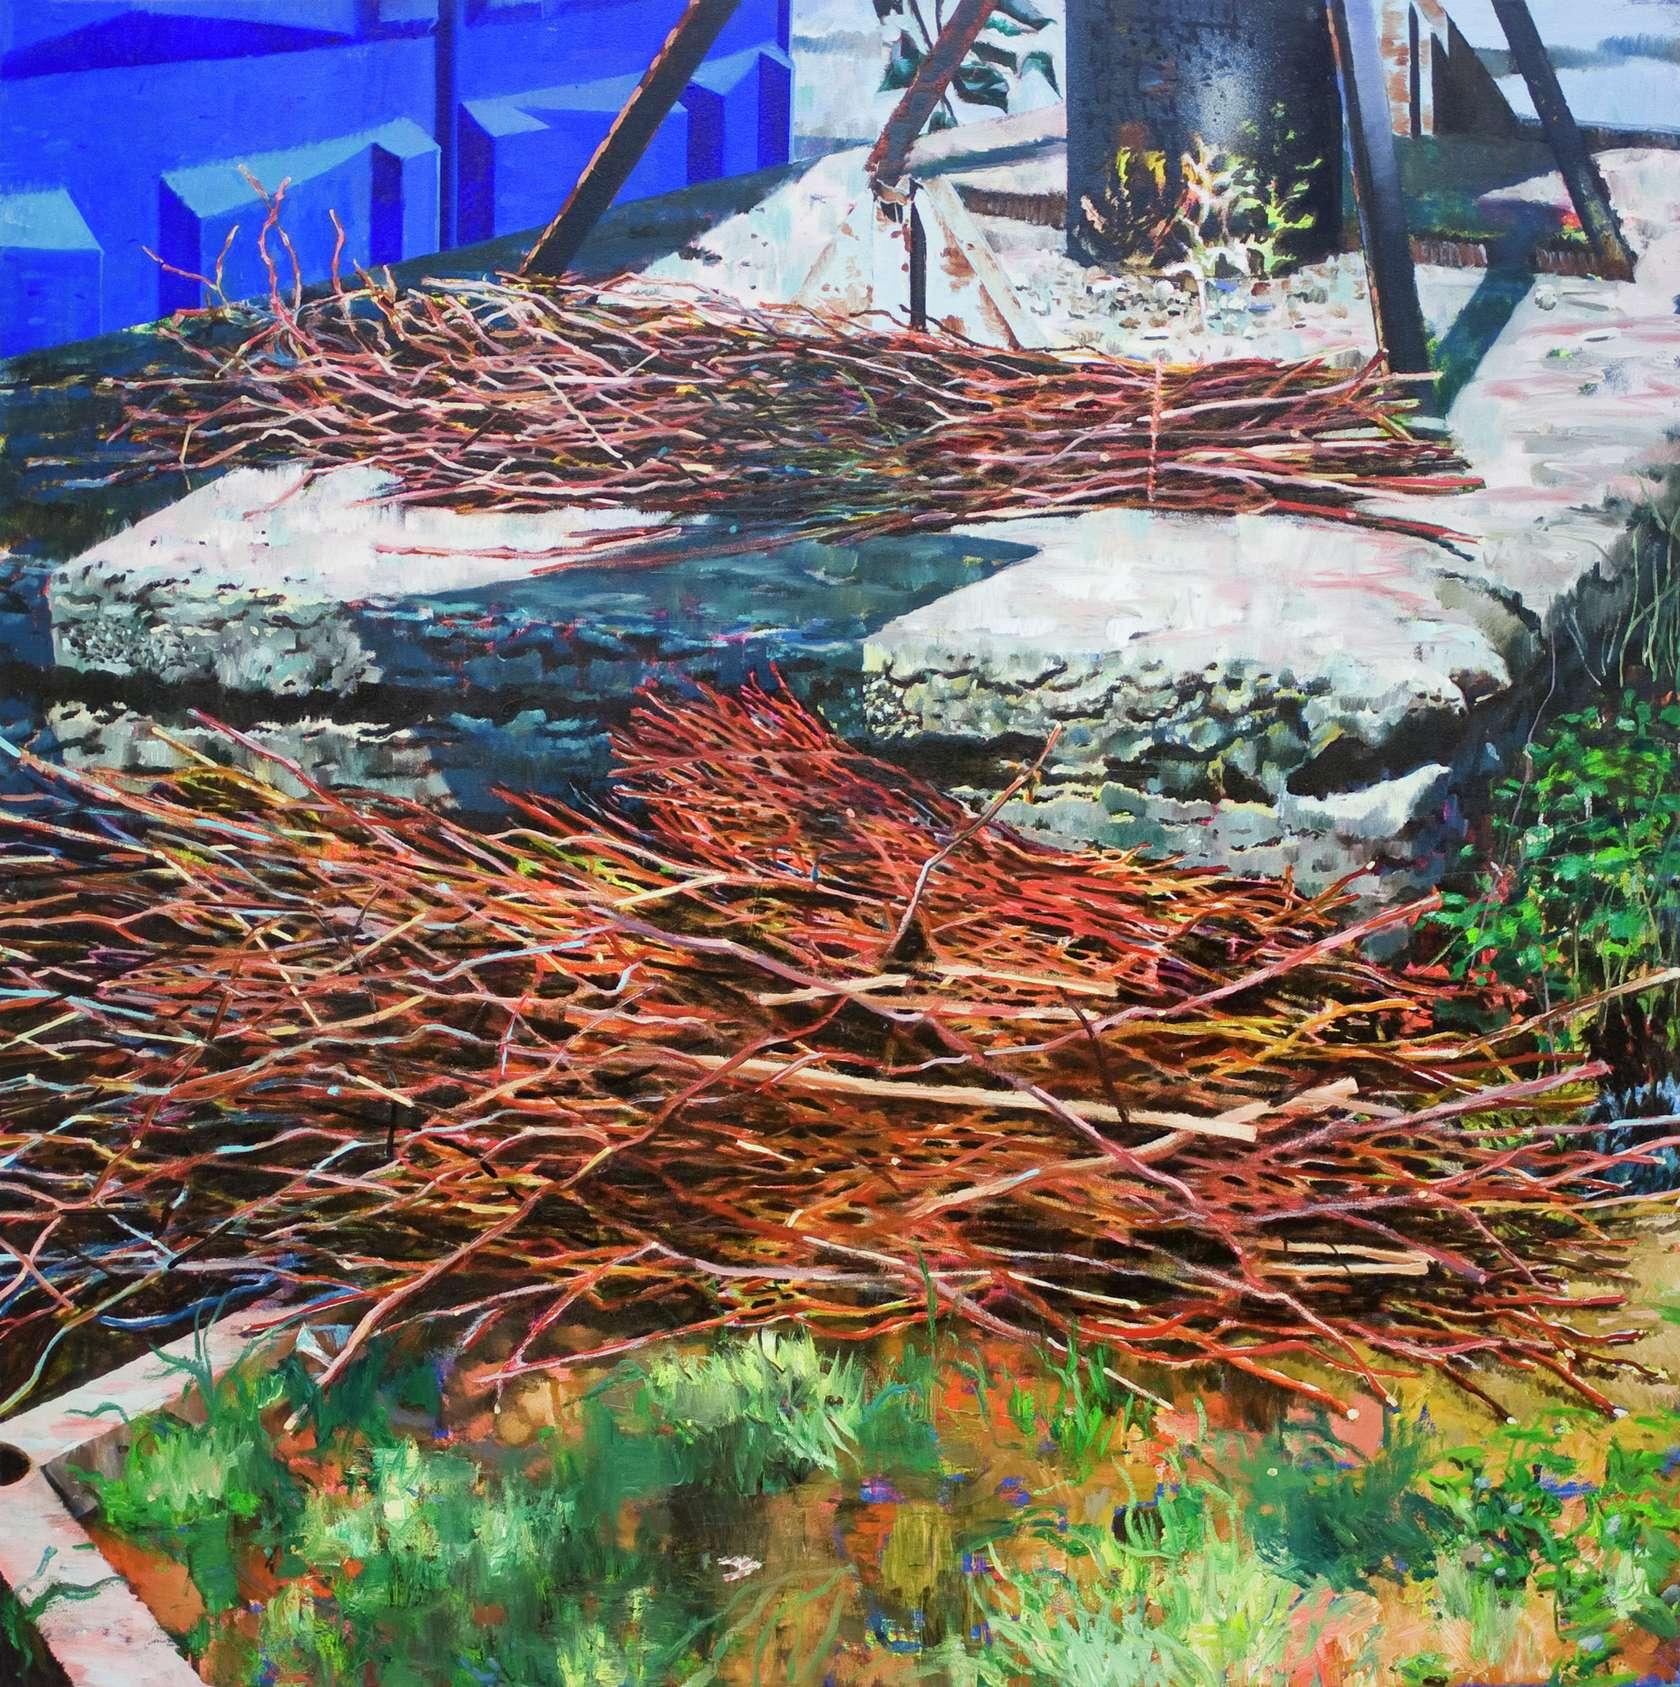 Laurent Proux, Fagots. Partizanskaya, Moscou, 2010 Huile sur toile130 × 130 cm / 51 1/8 × 51 1/8 in.